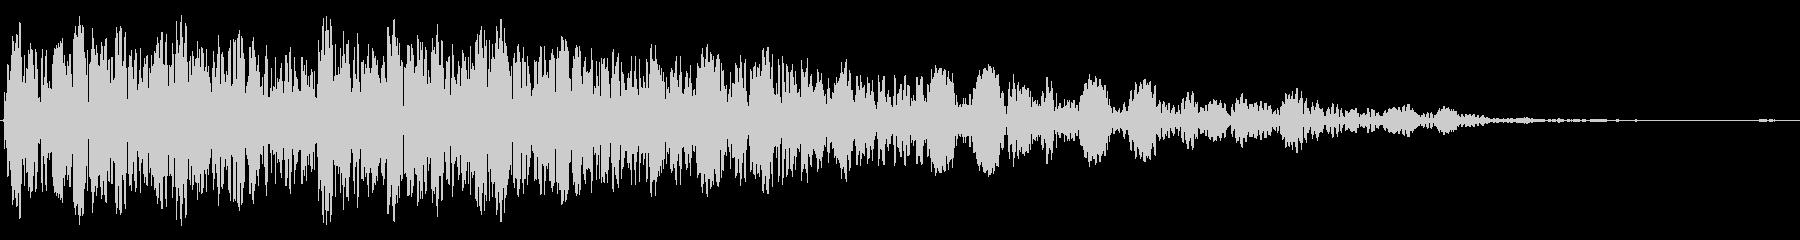 グワワーン(巨人登場)の未再生の波形